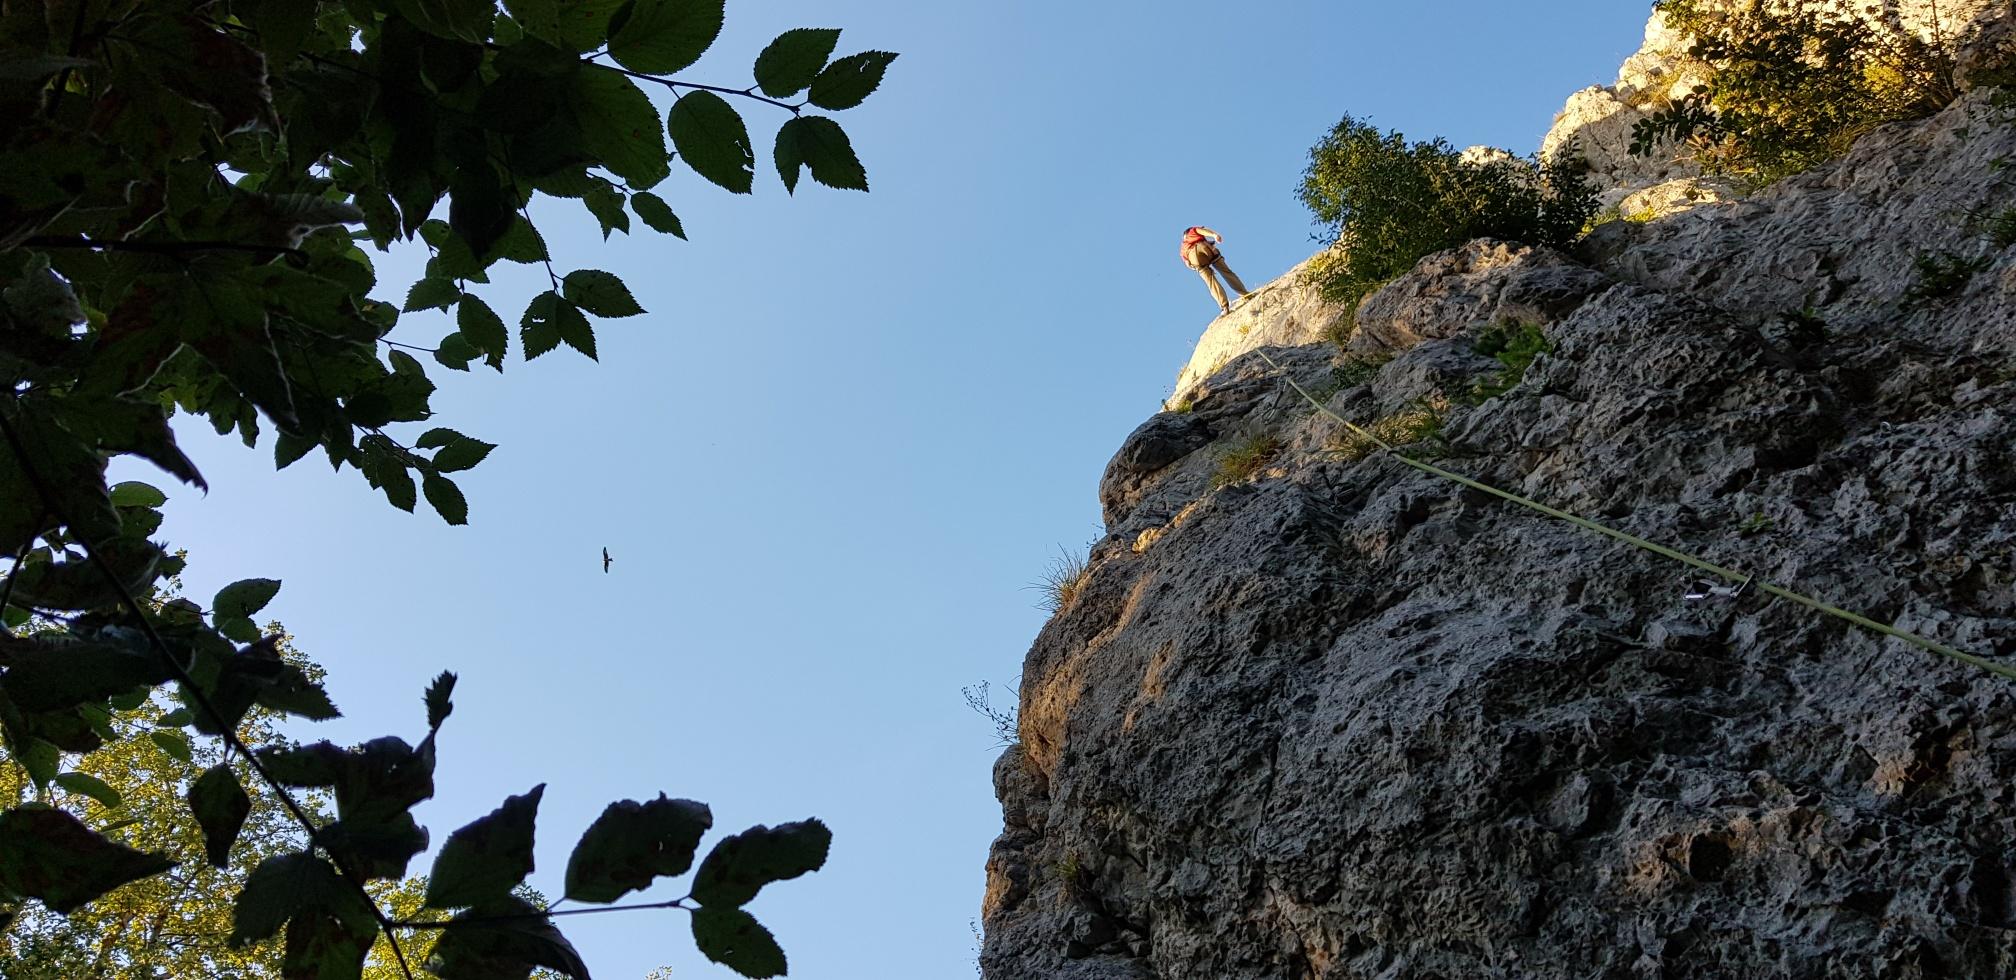 Impressionen Klettern 08.09.2020